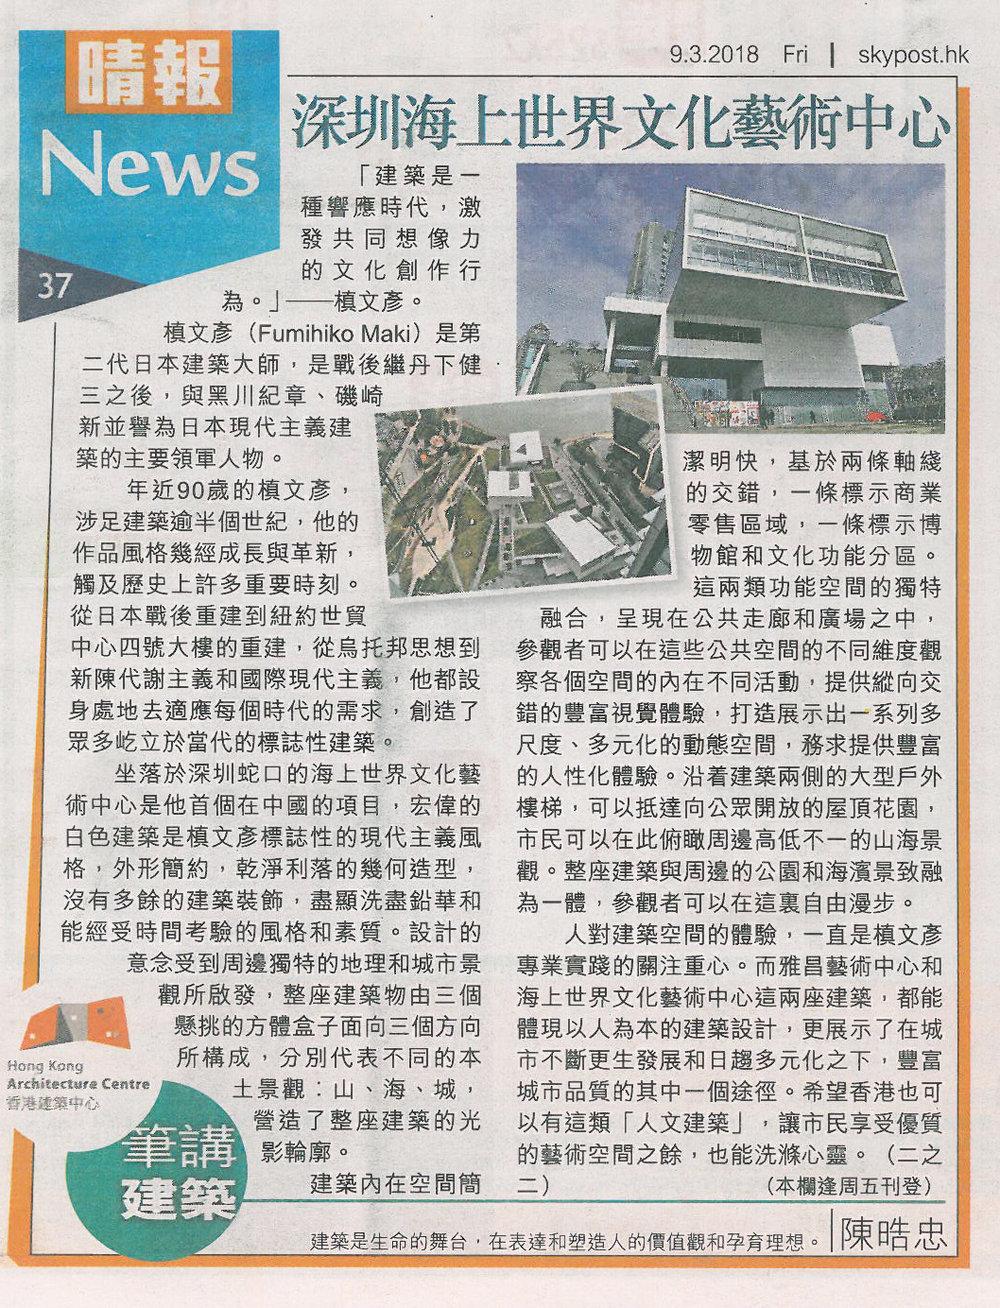 Skypost_180309_陳晧忠_深圳海上世界文化藝術中心.jpg